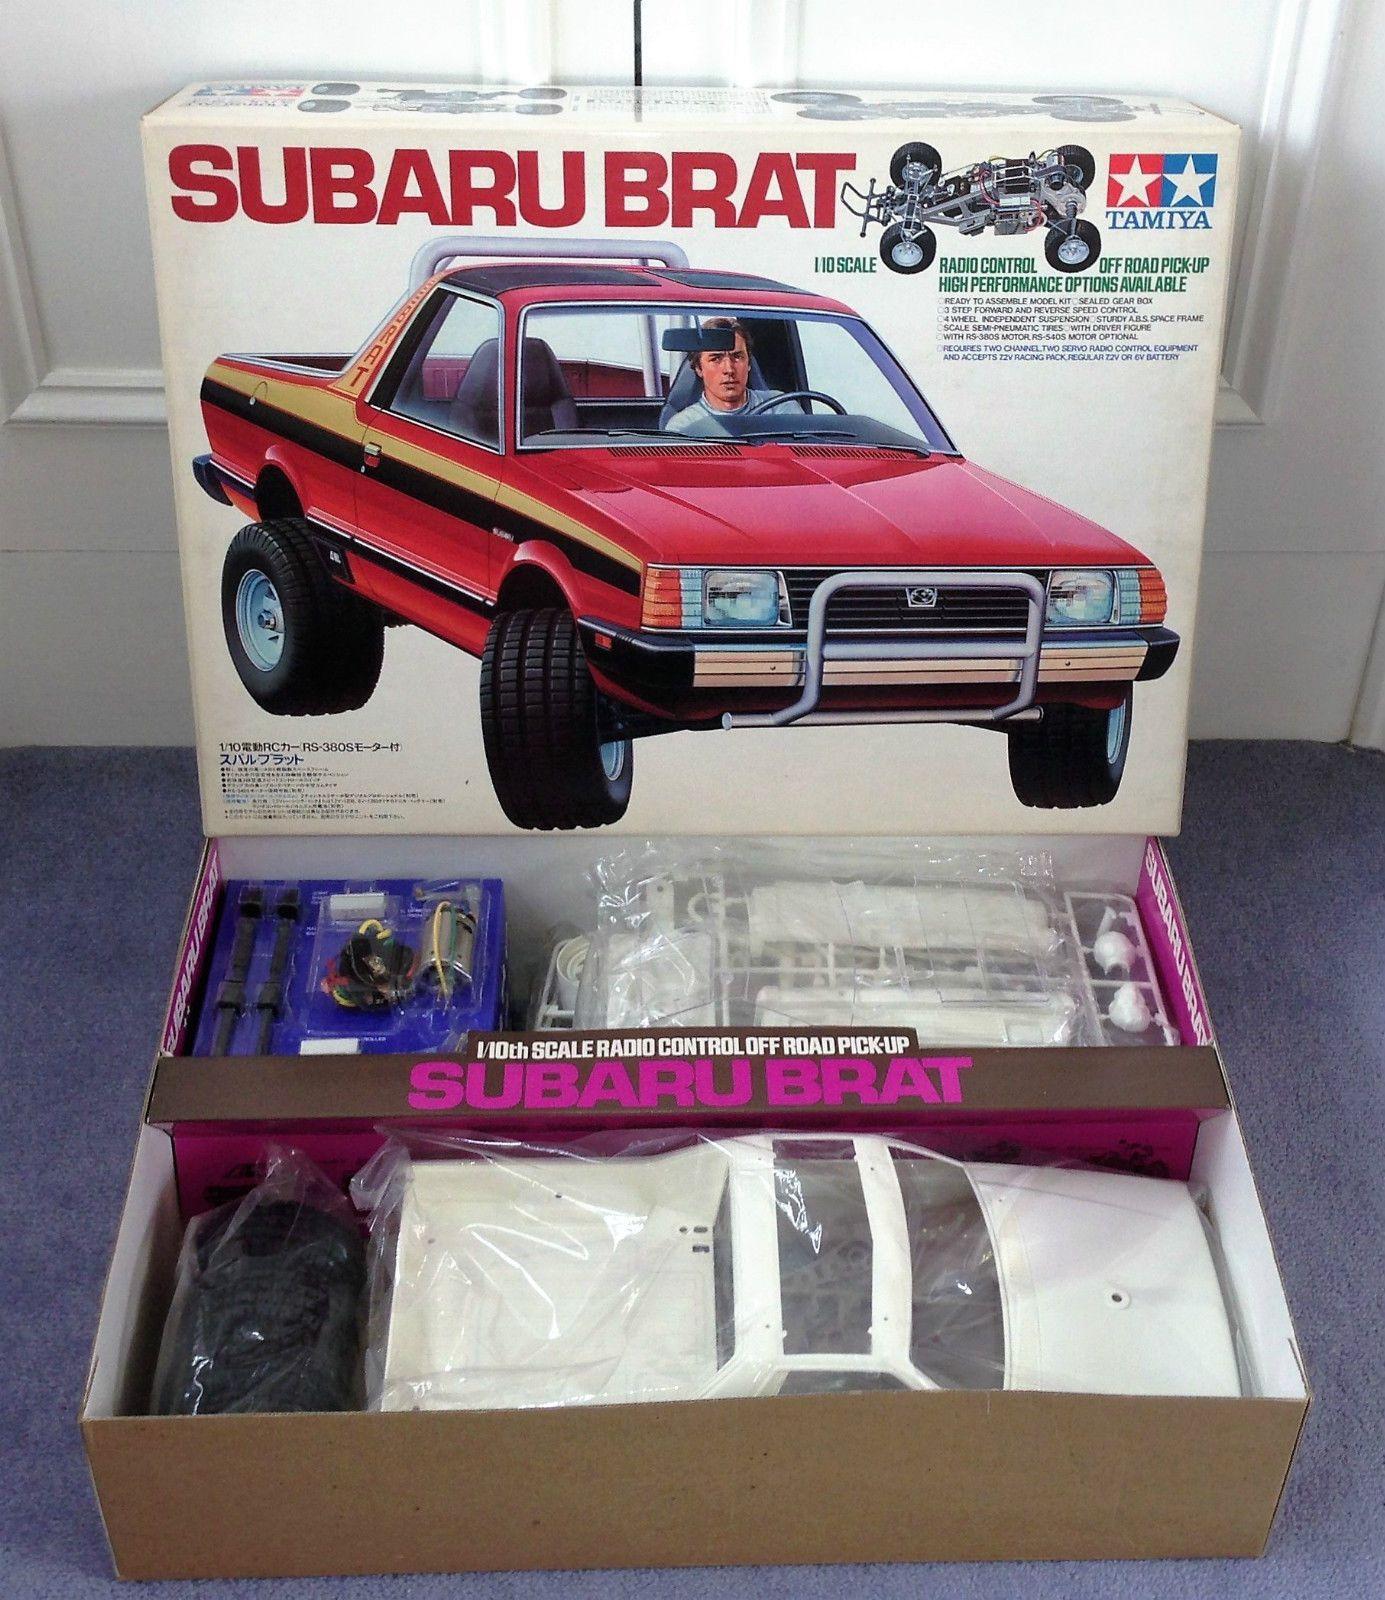 Subaru Brat For Sale Malaysia: TAMIYA 1983 SUBARU BRAT KIT 58038